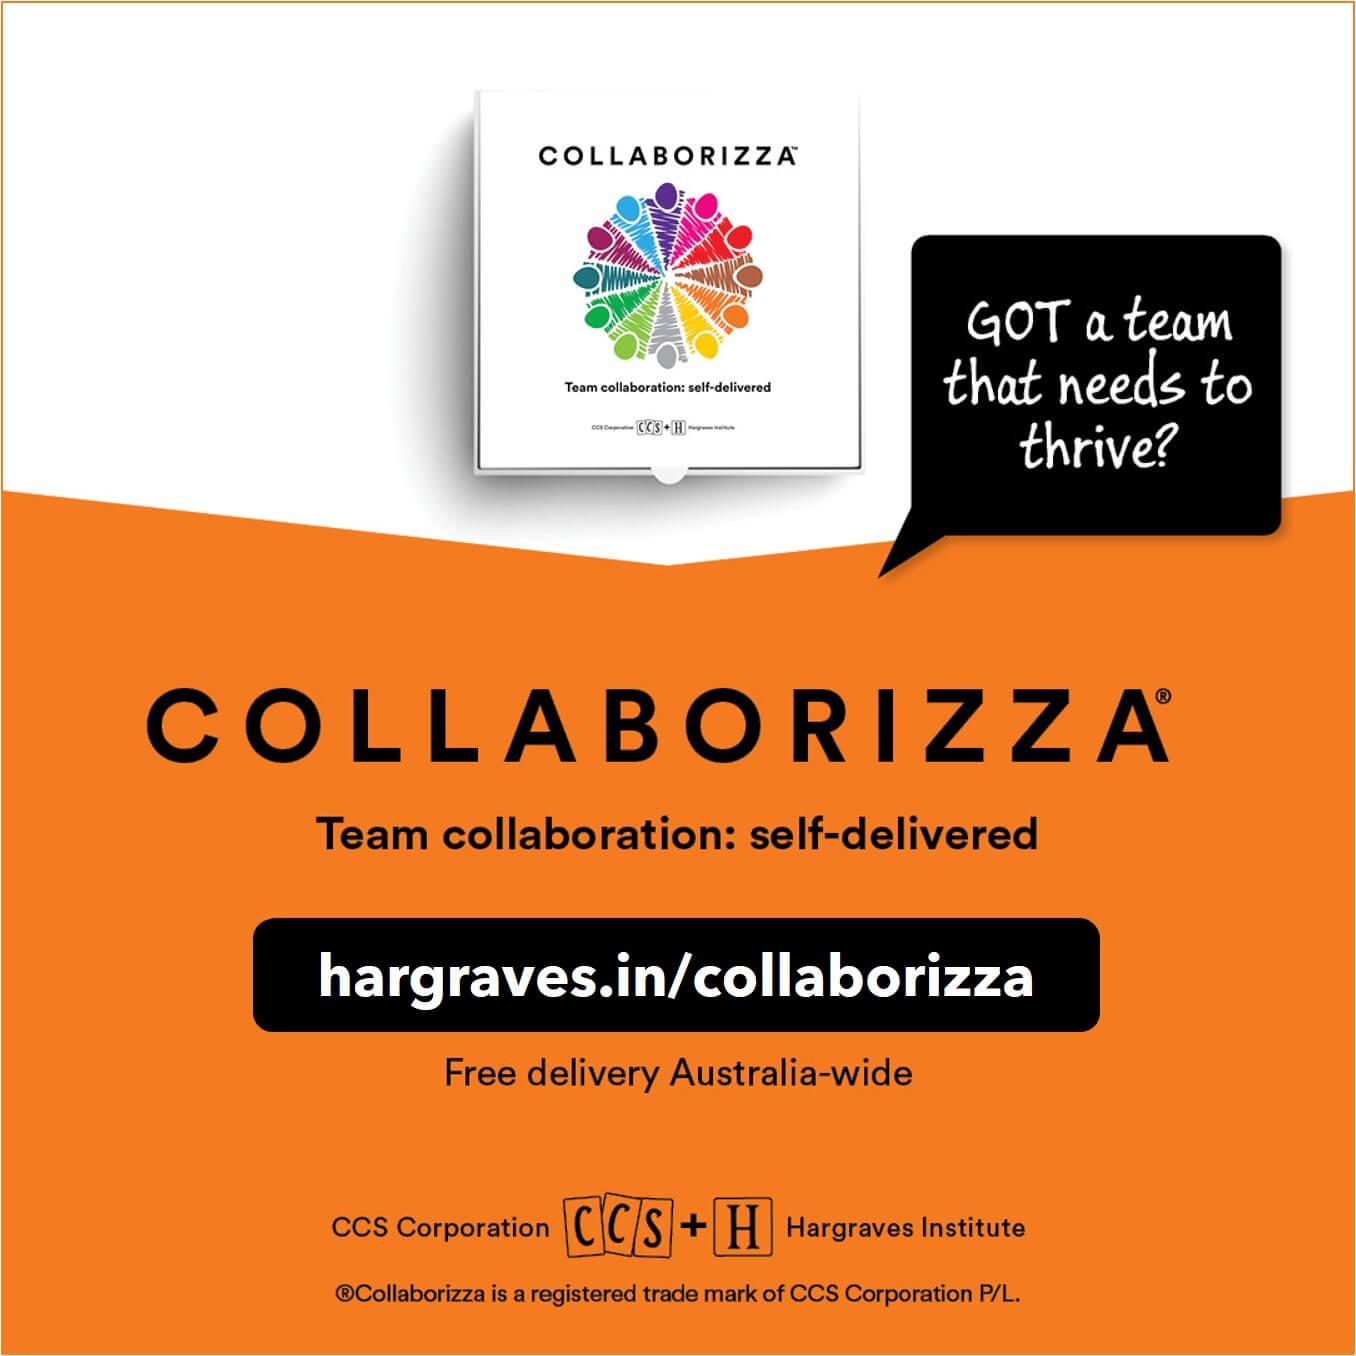 Collaborizza Carousel 5